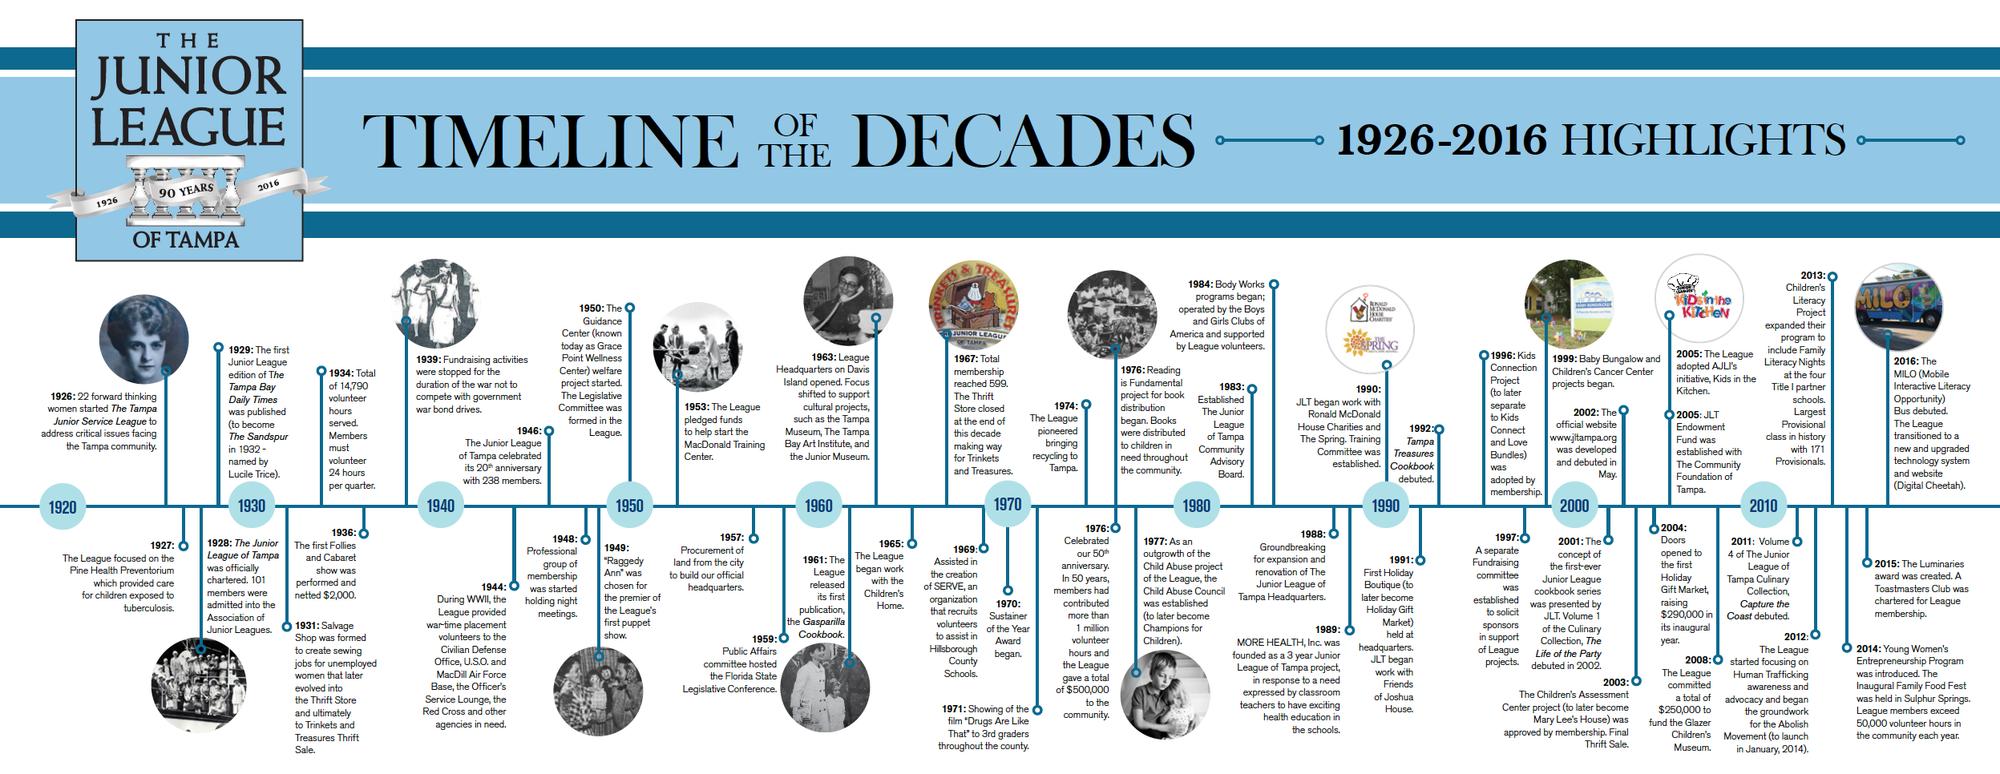 JLT Timeline